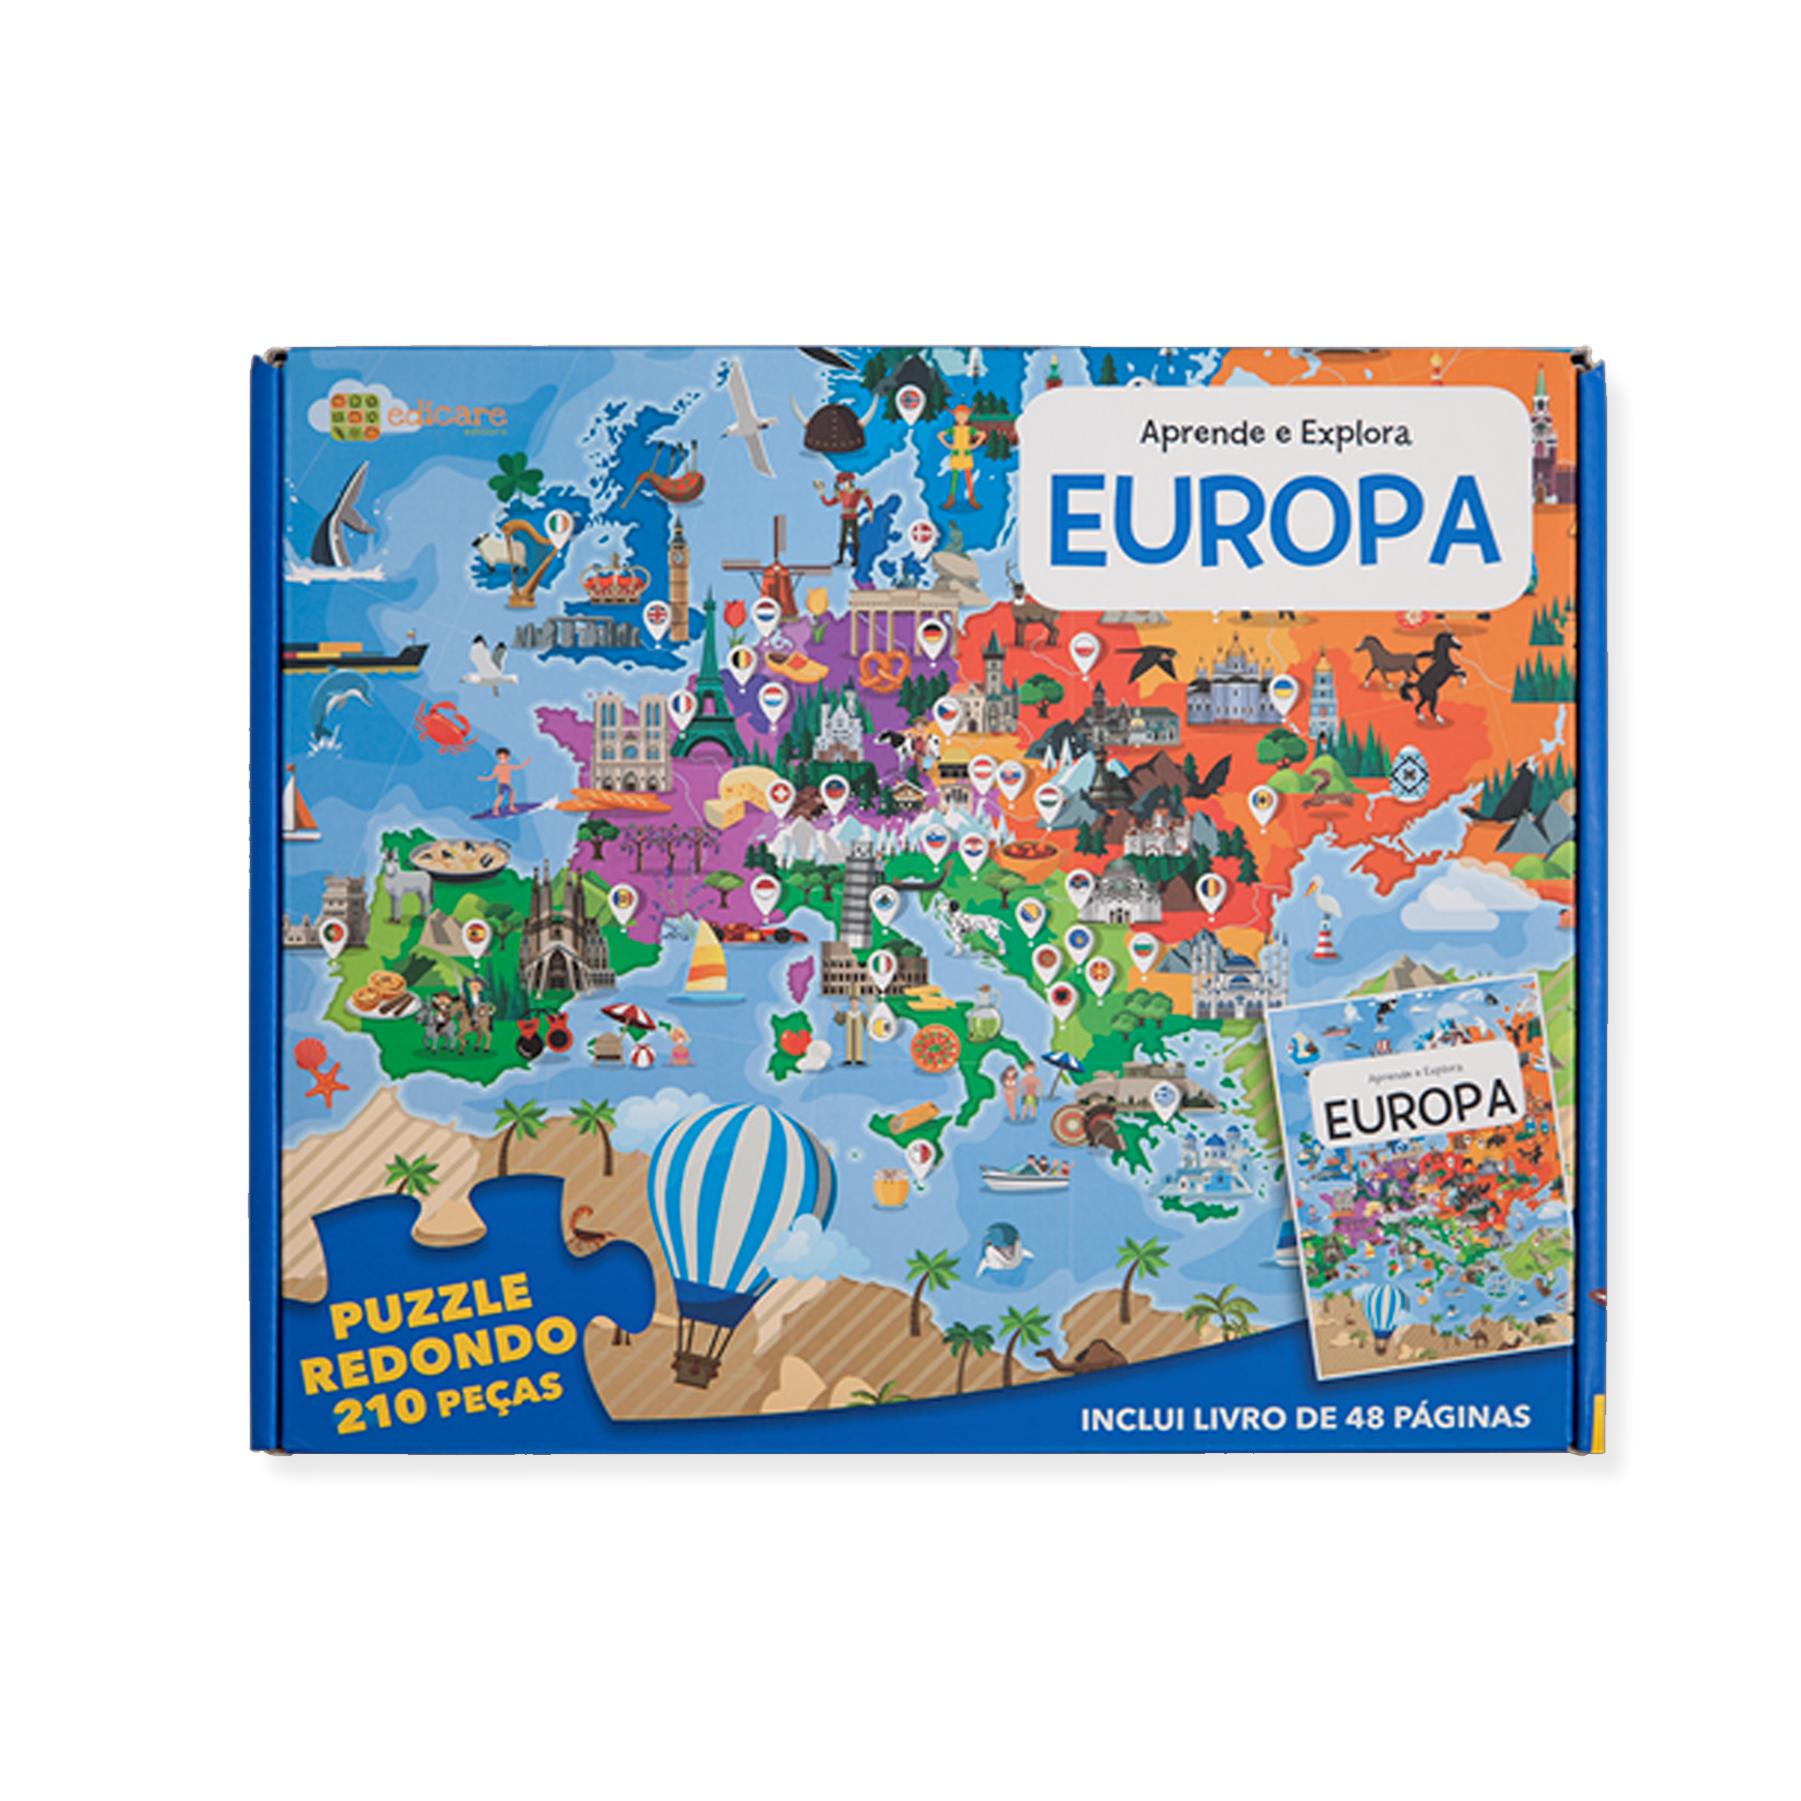 Aprende e Explora — Europa (Puzzle 210 peças + Livro)